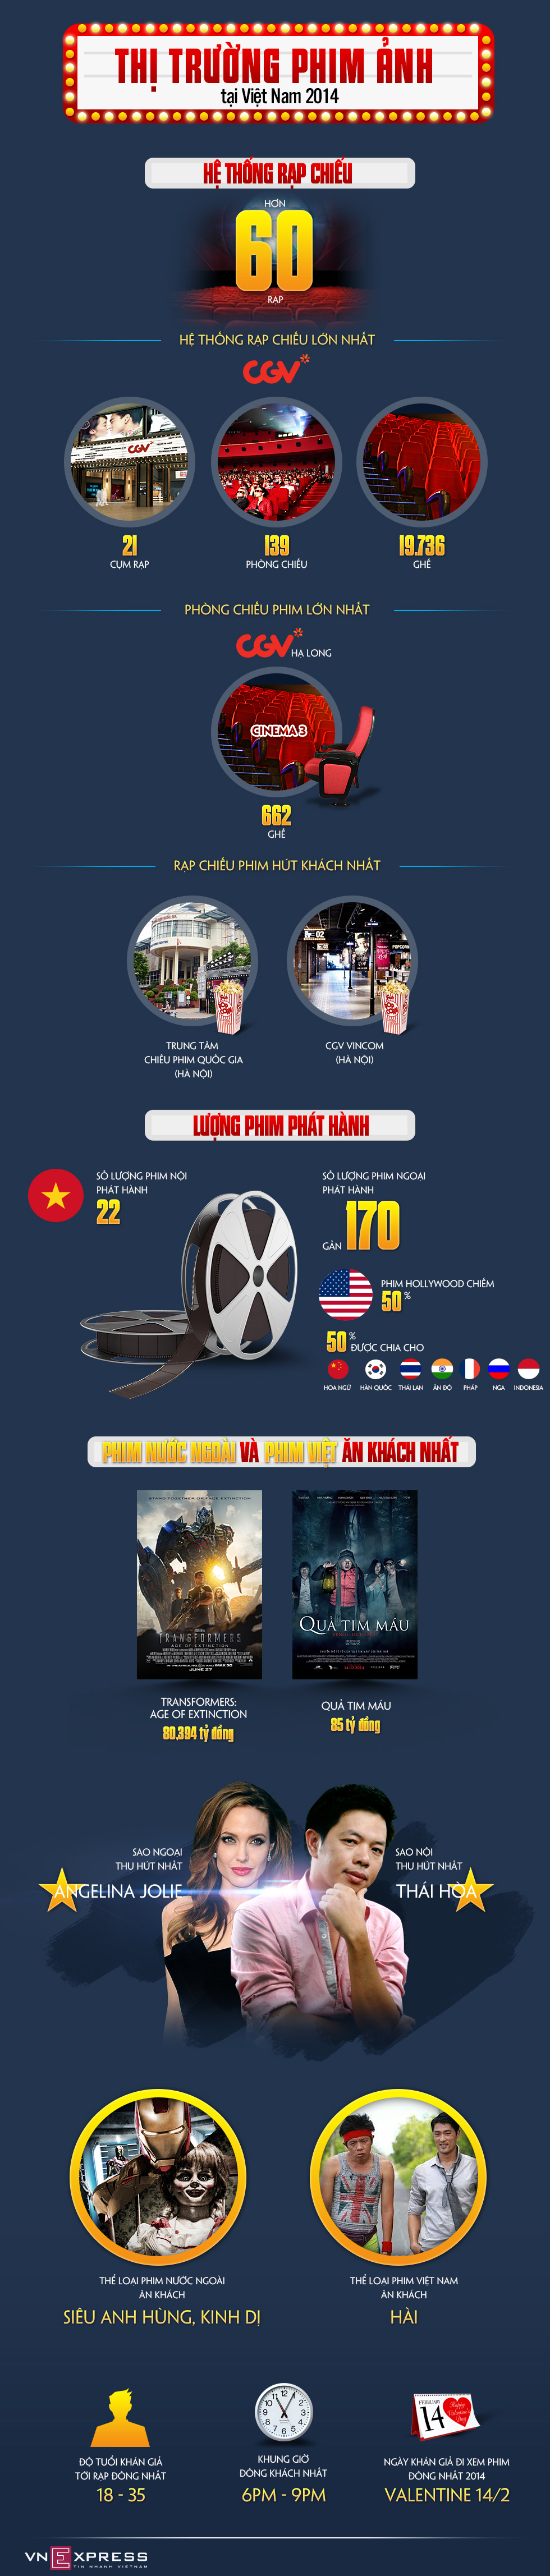 Thị trường phim ảnh tại Việt Nam 2014 qua những con số